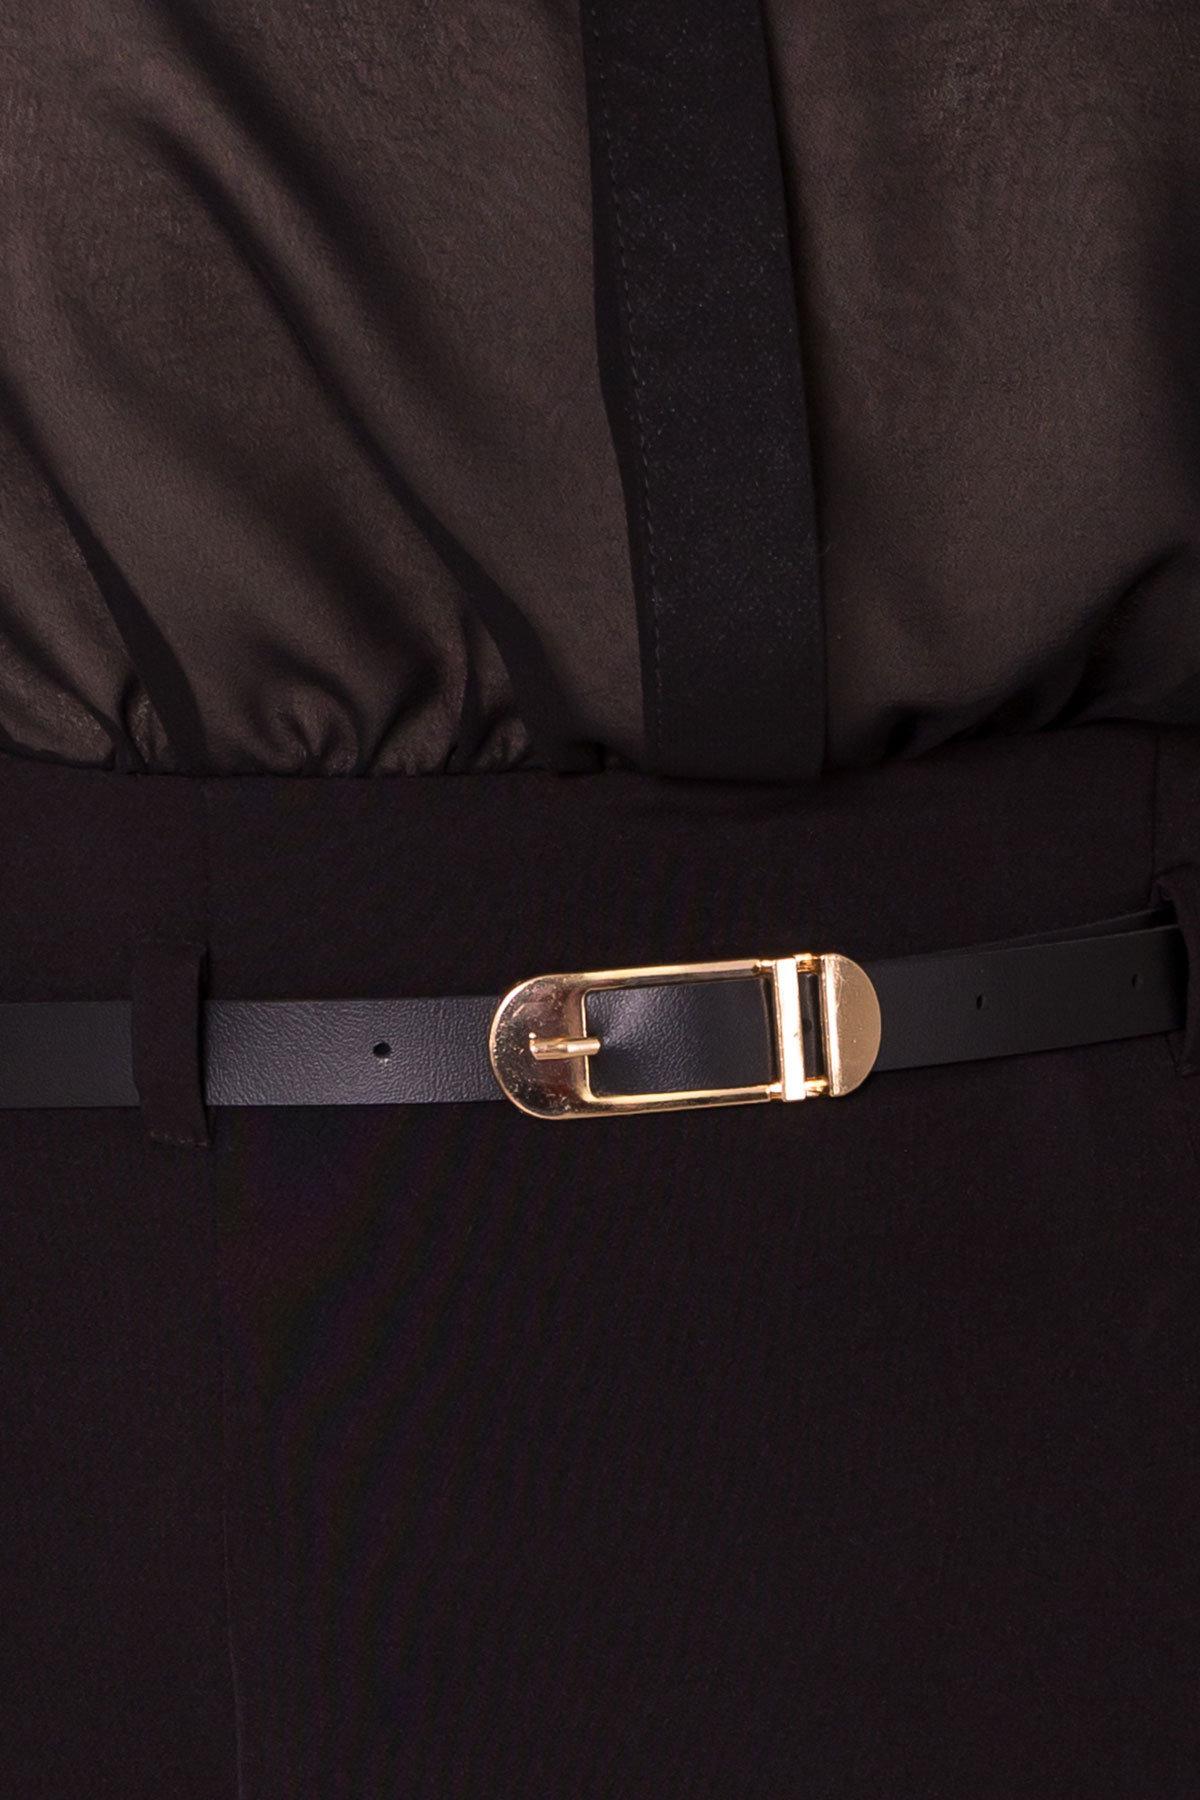 Платье Берли 5953 АРТ. 40641 Цвет: Черный/бежевый - фото 4, интернет магазин tm-modus.ru